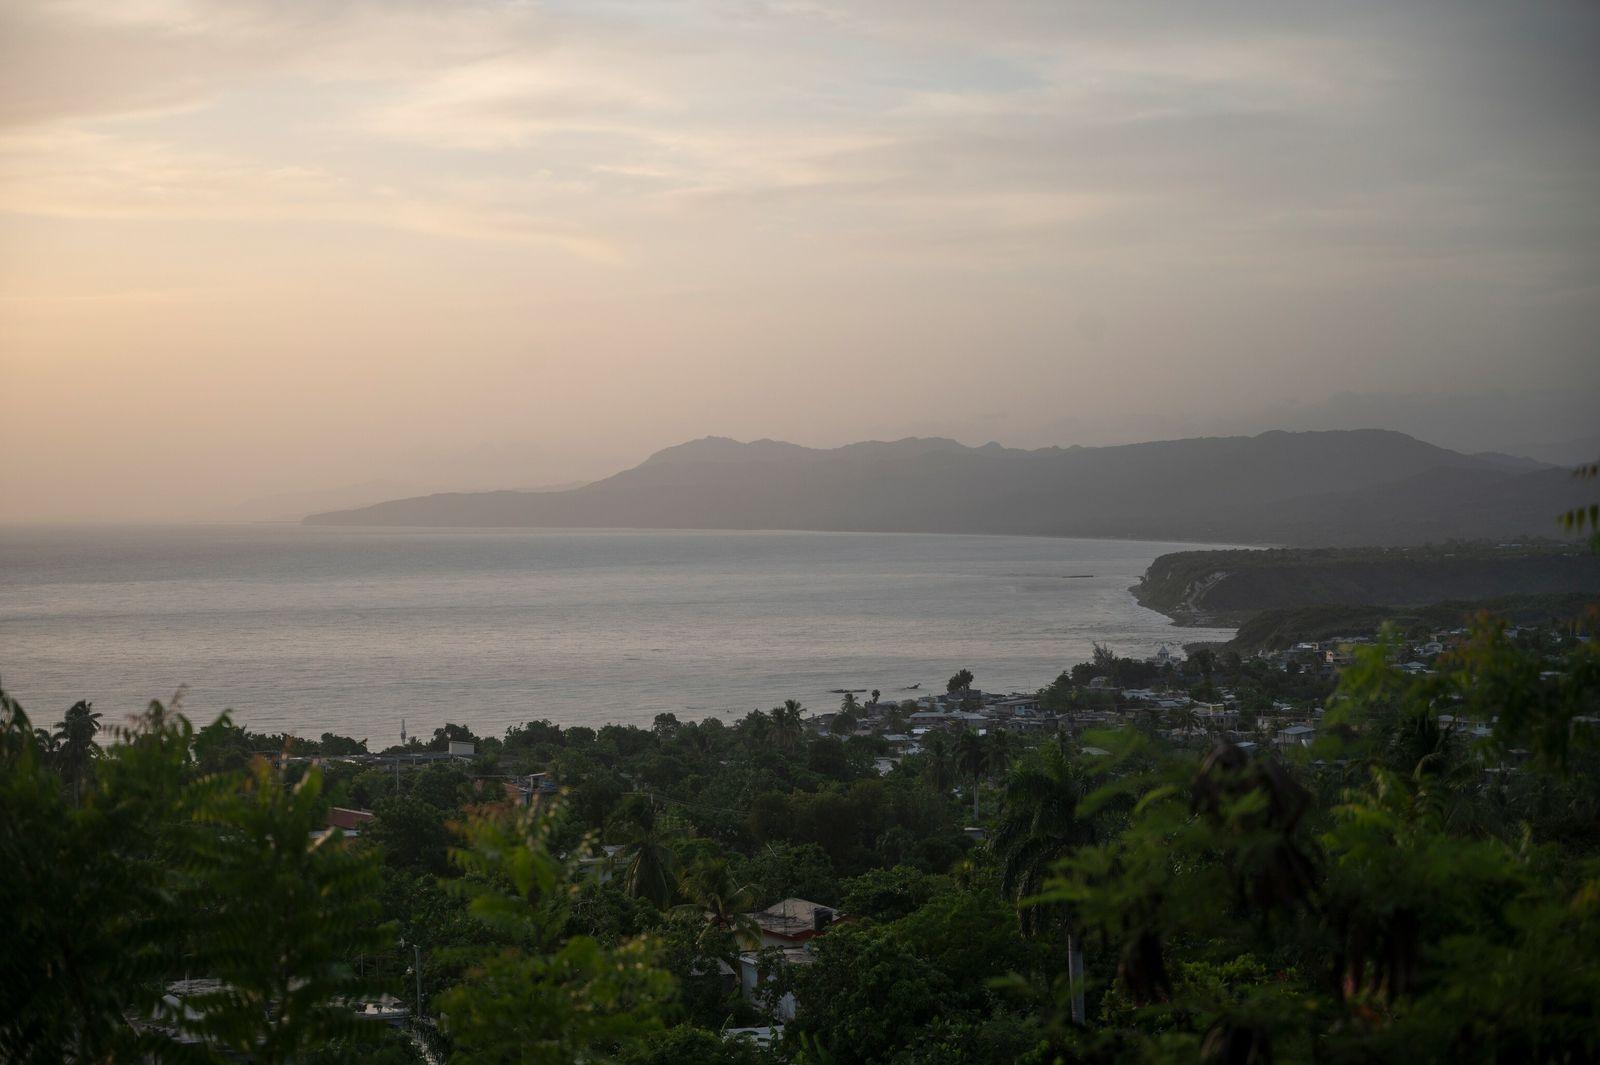 Sol nasce ao longo da costa norte da península meridional do Haiti, conhecida por sua beleza ...